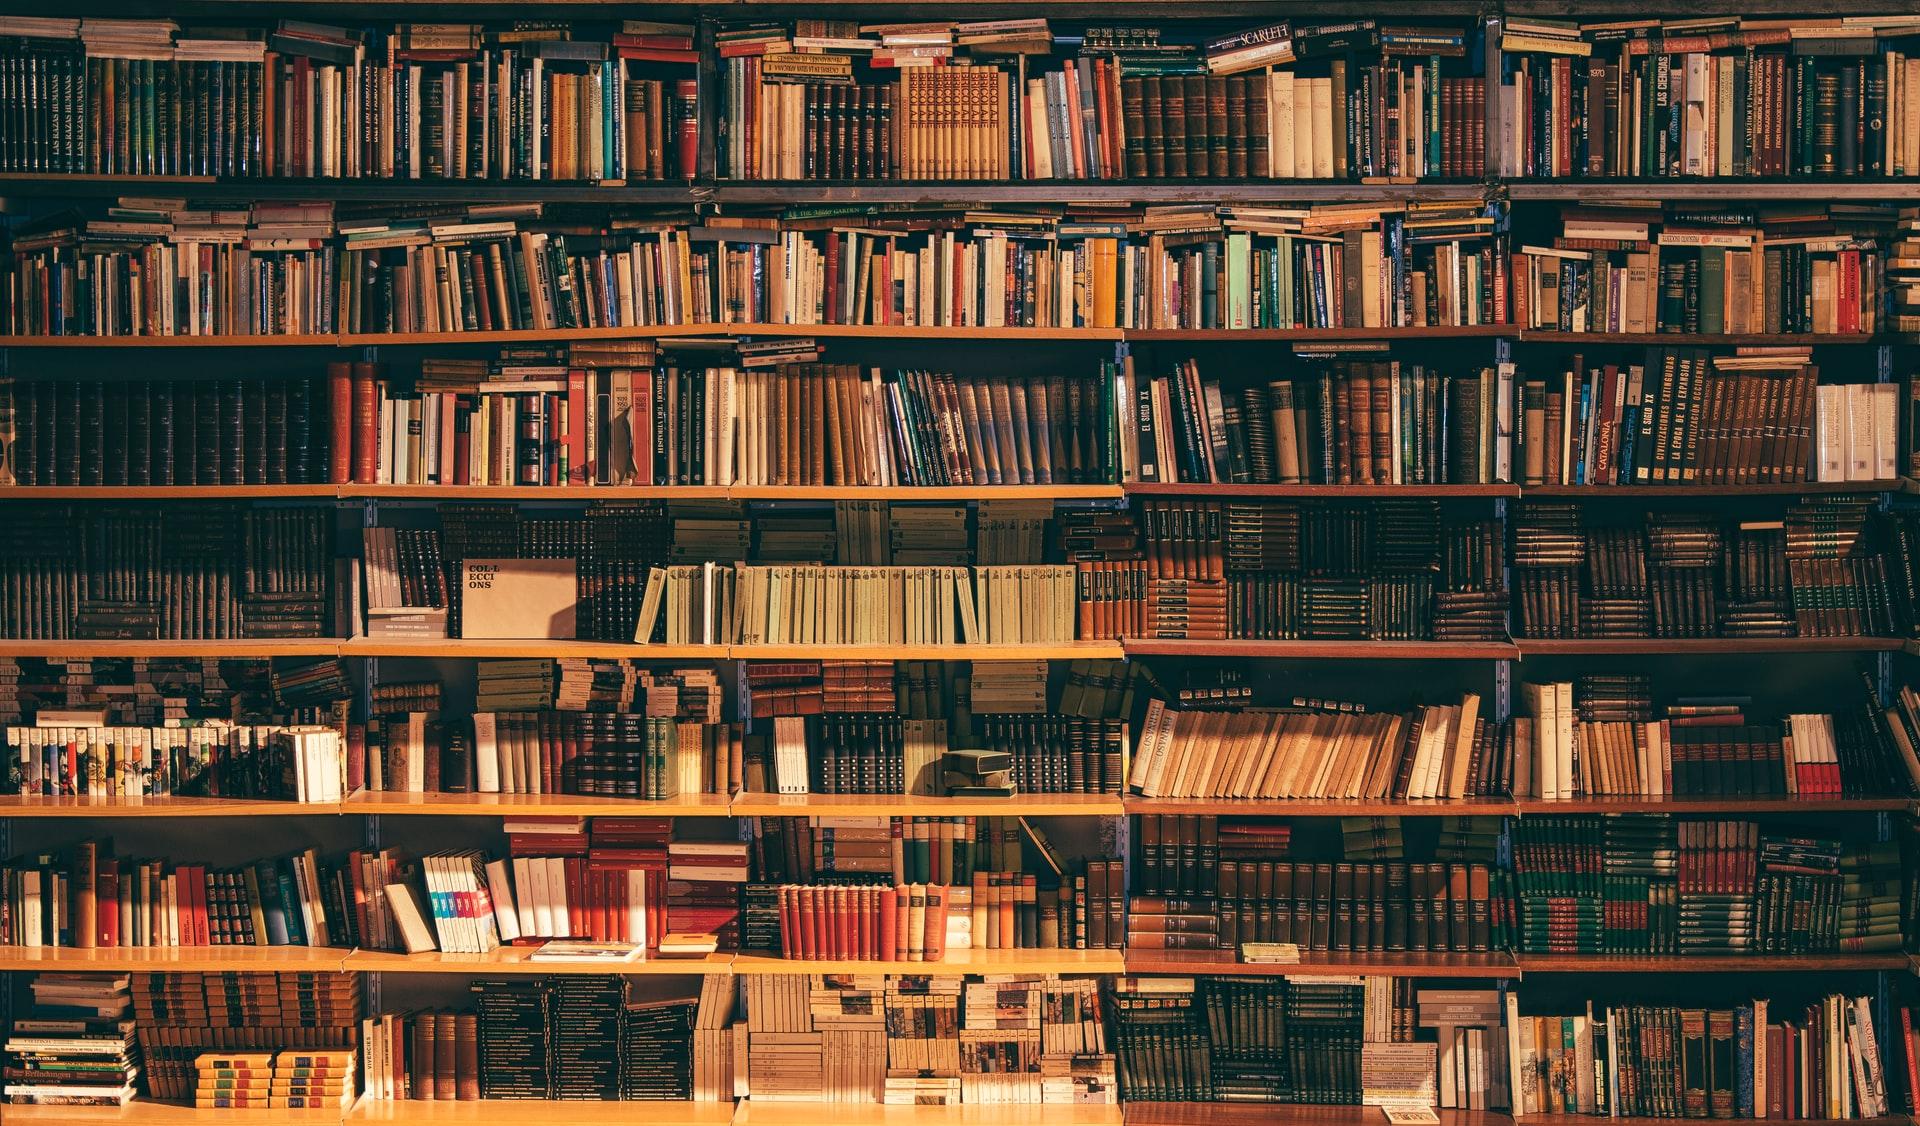 Photographie couleur d'une bibliothèque